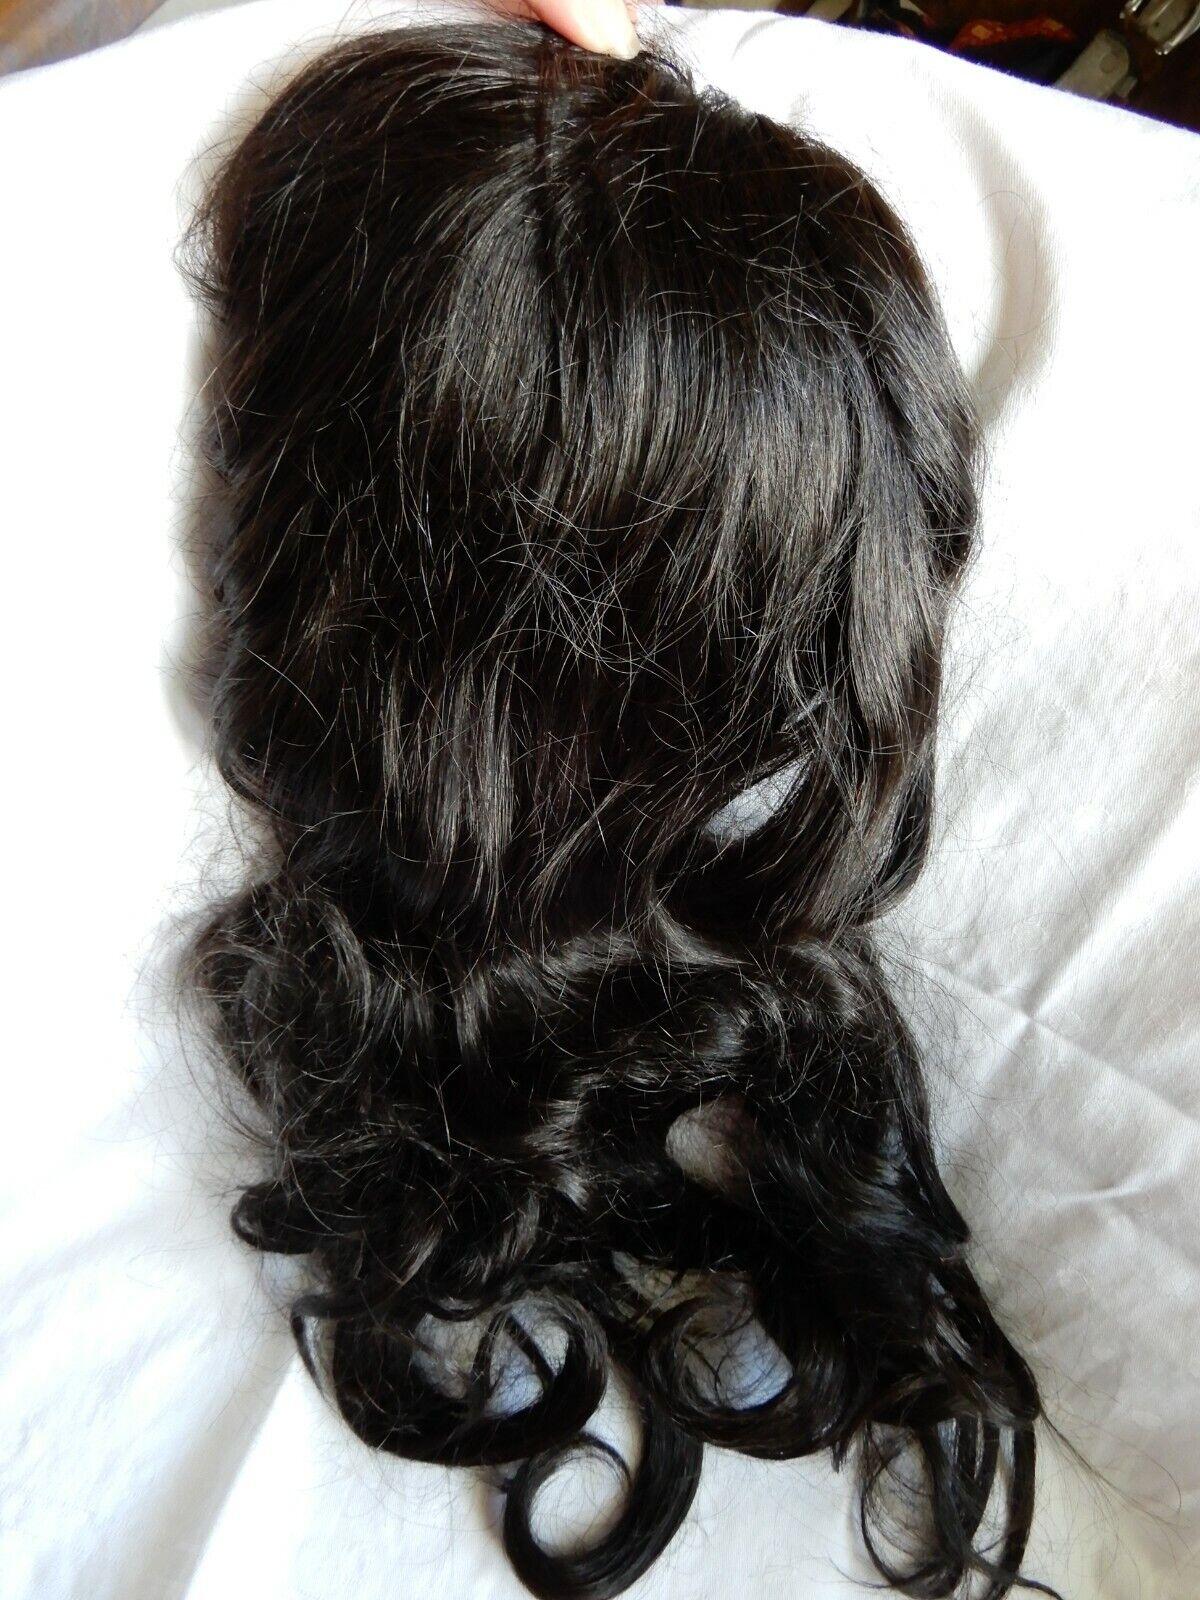 14cm Durchmesse Damen Toupet 100% Echthaar Topper Haarteil Toupee Wig Extensions